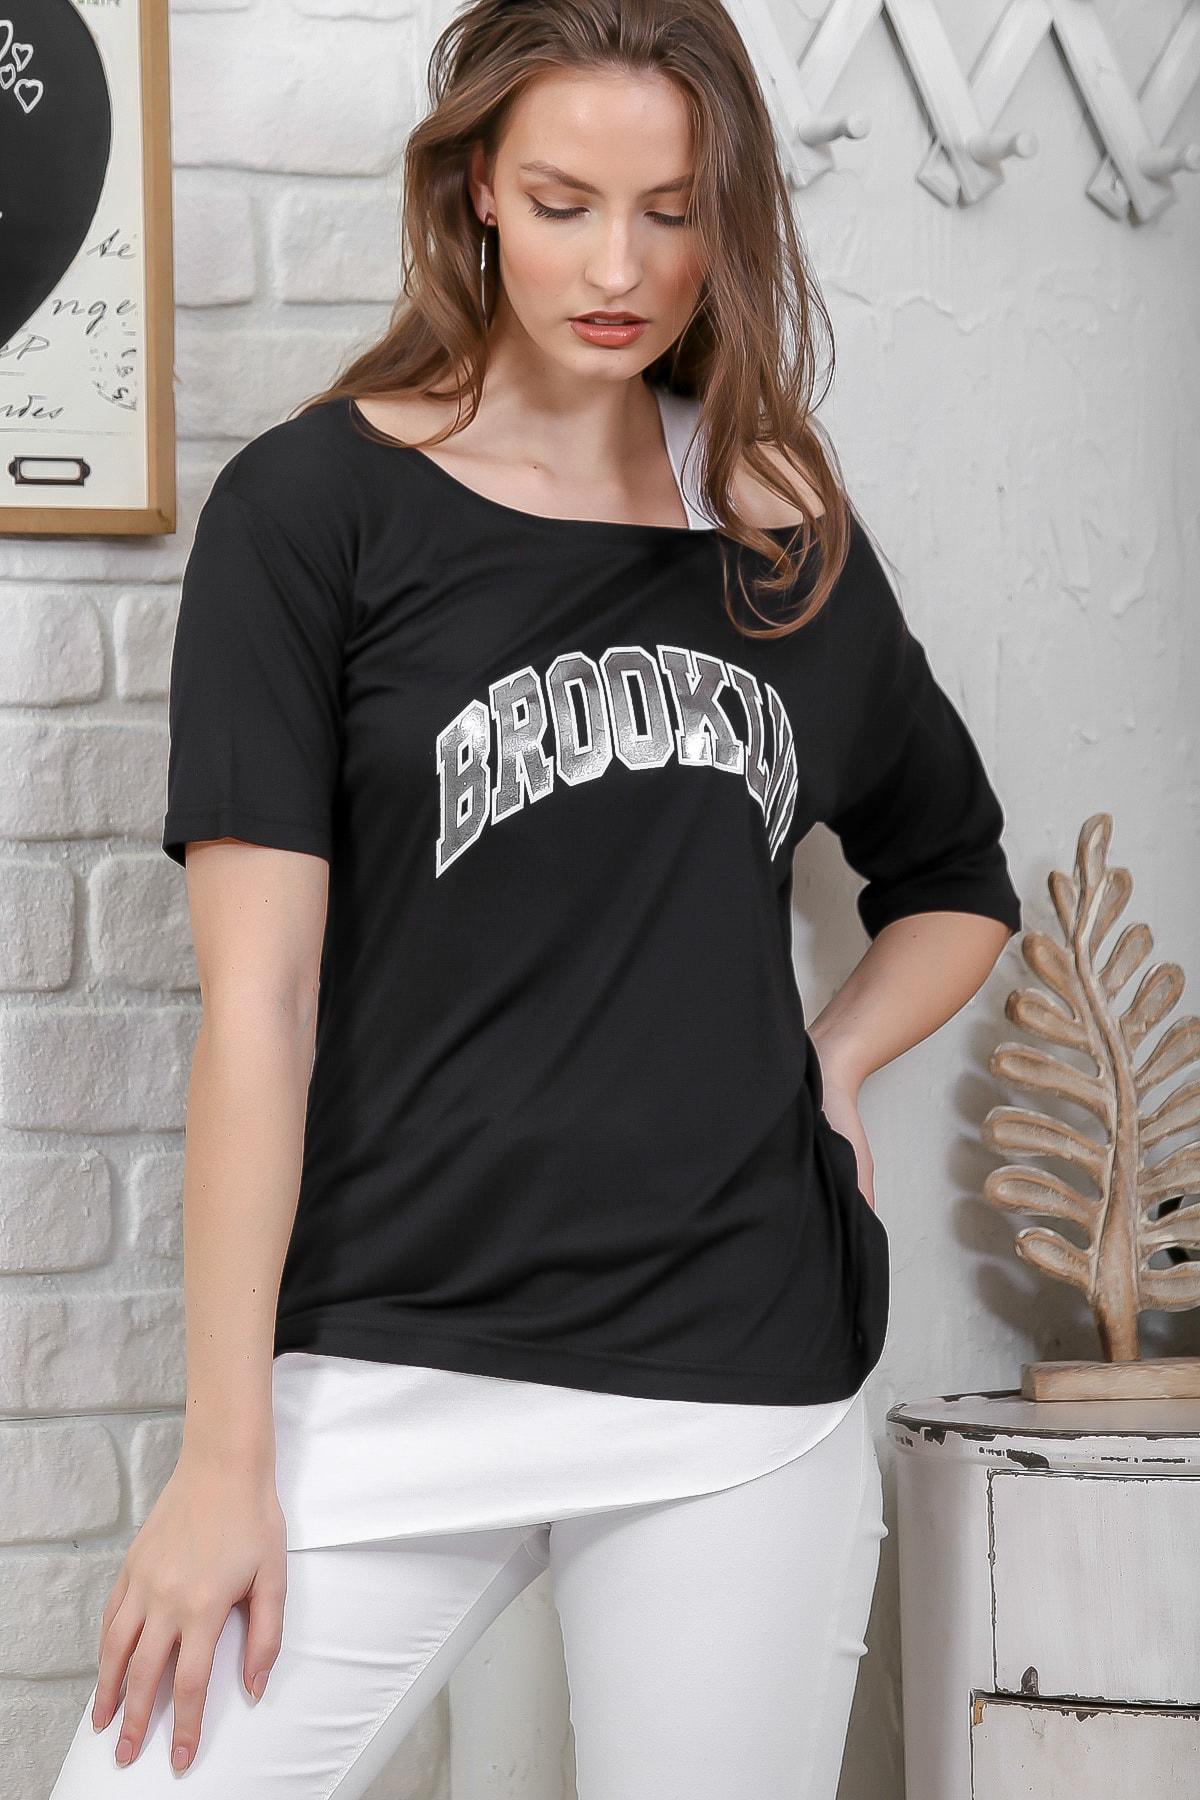 Chiccy Kadın Siyah Kayık Yaka Tek Omuz Askılı Etek Ucu Bloklu Baskılı T-Shirt M10010300TS98266